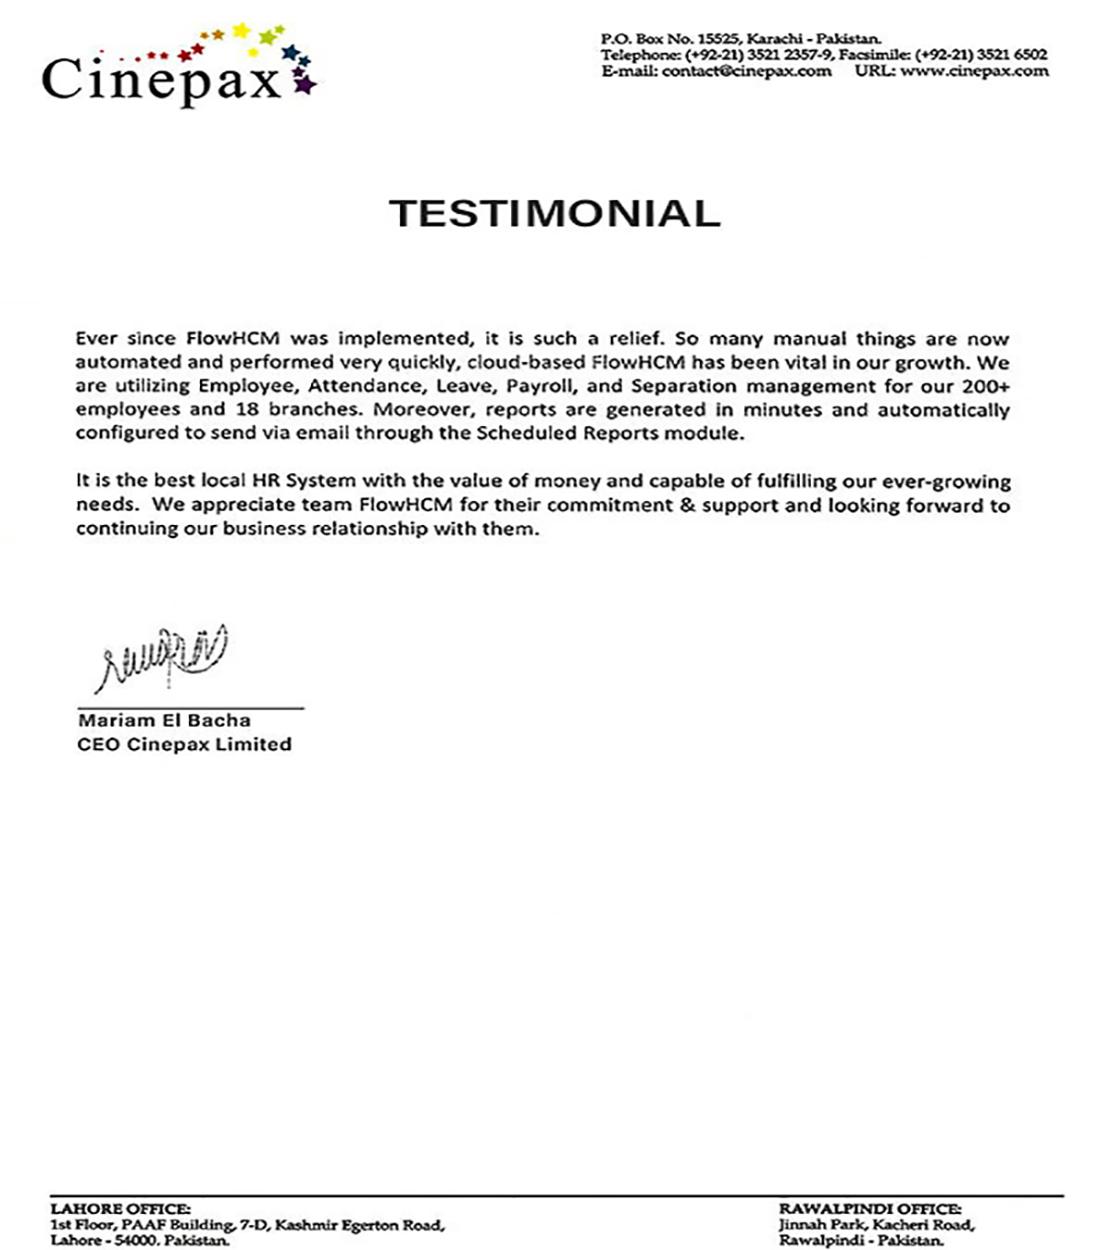 Cinepax Testimonial